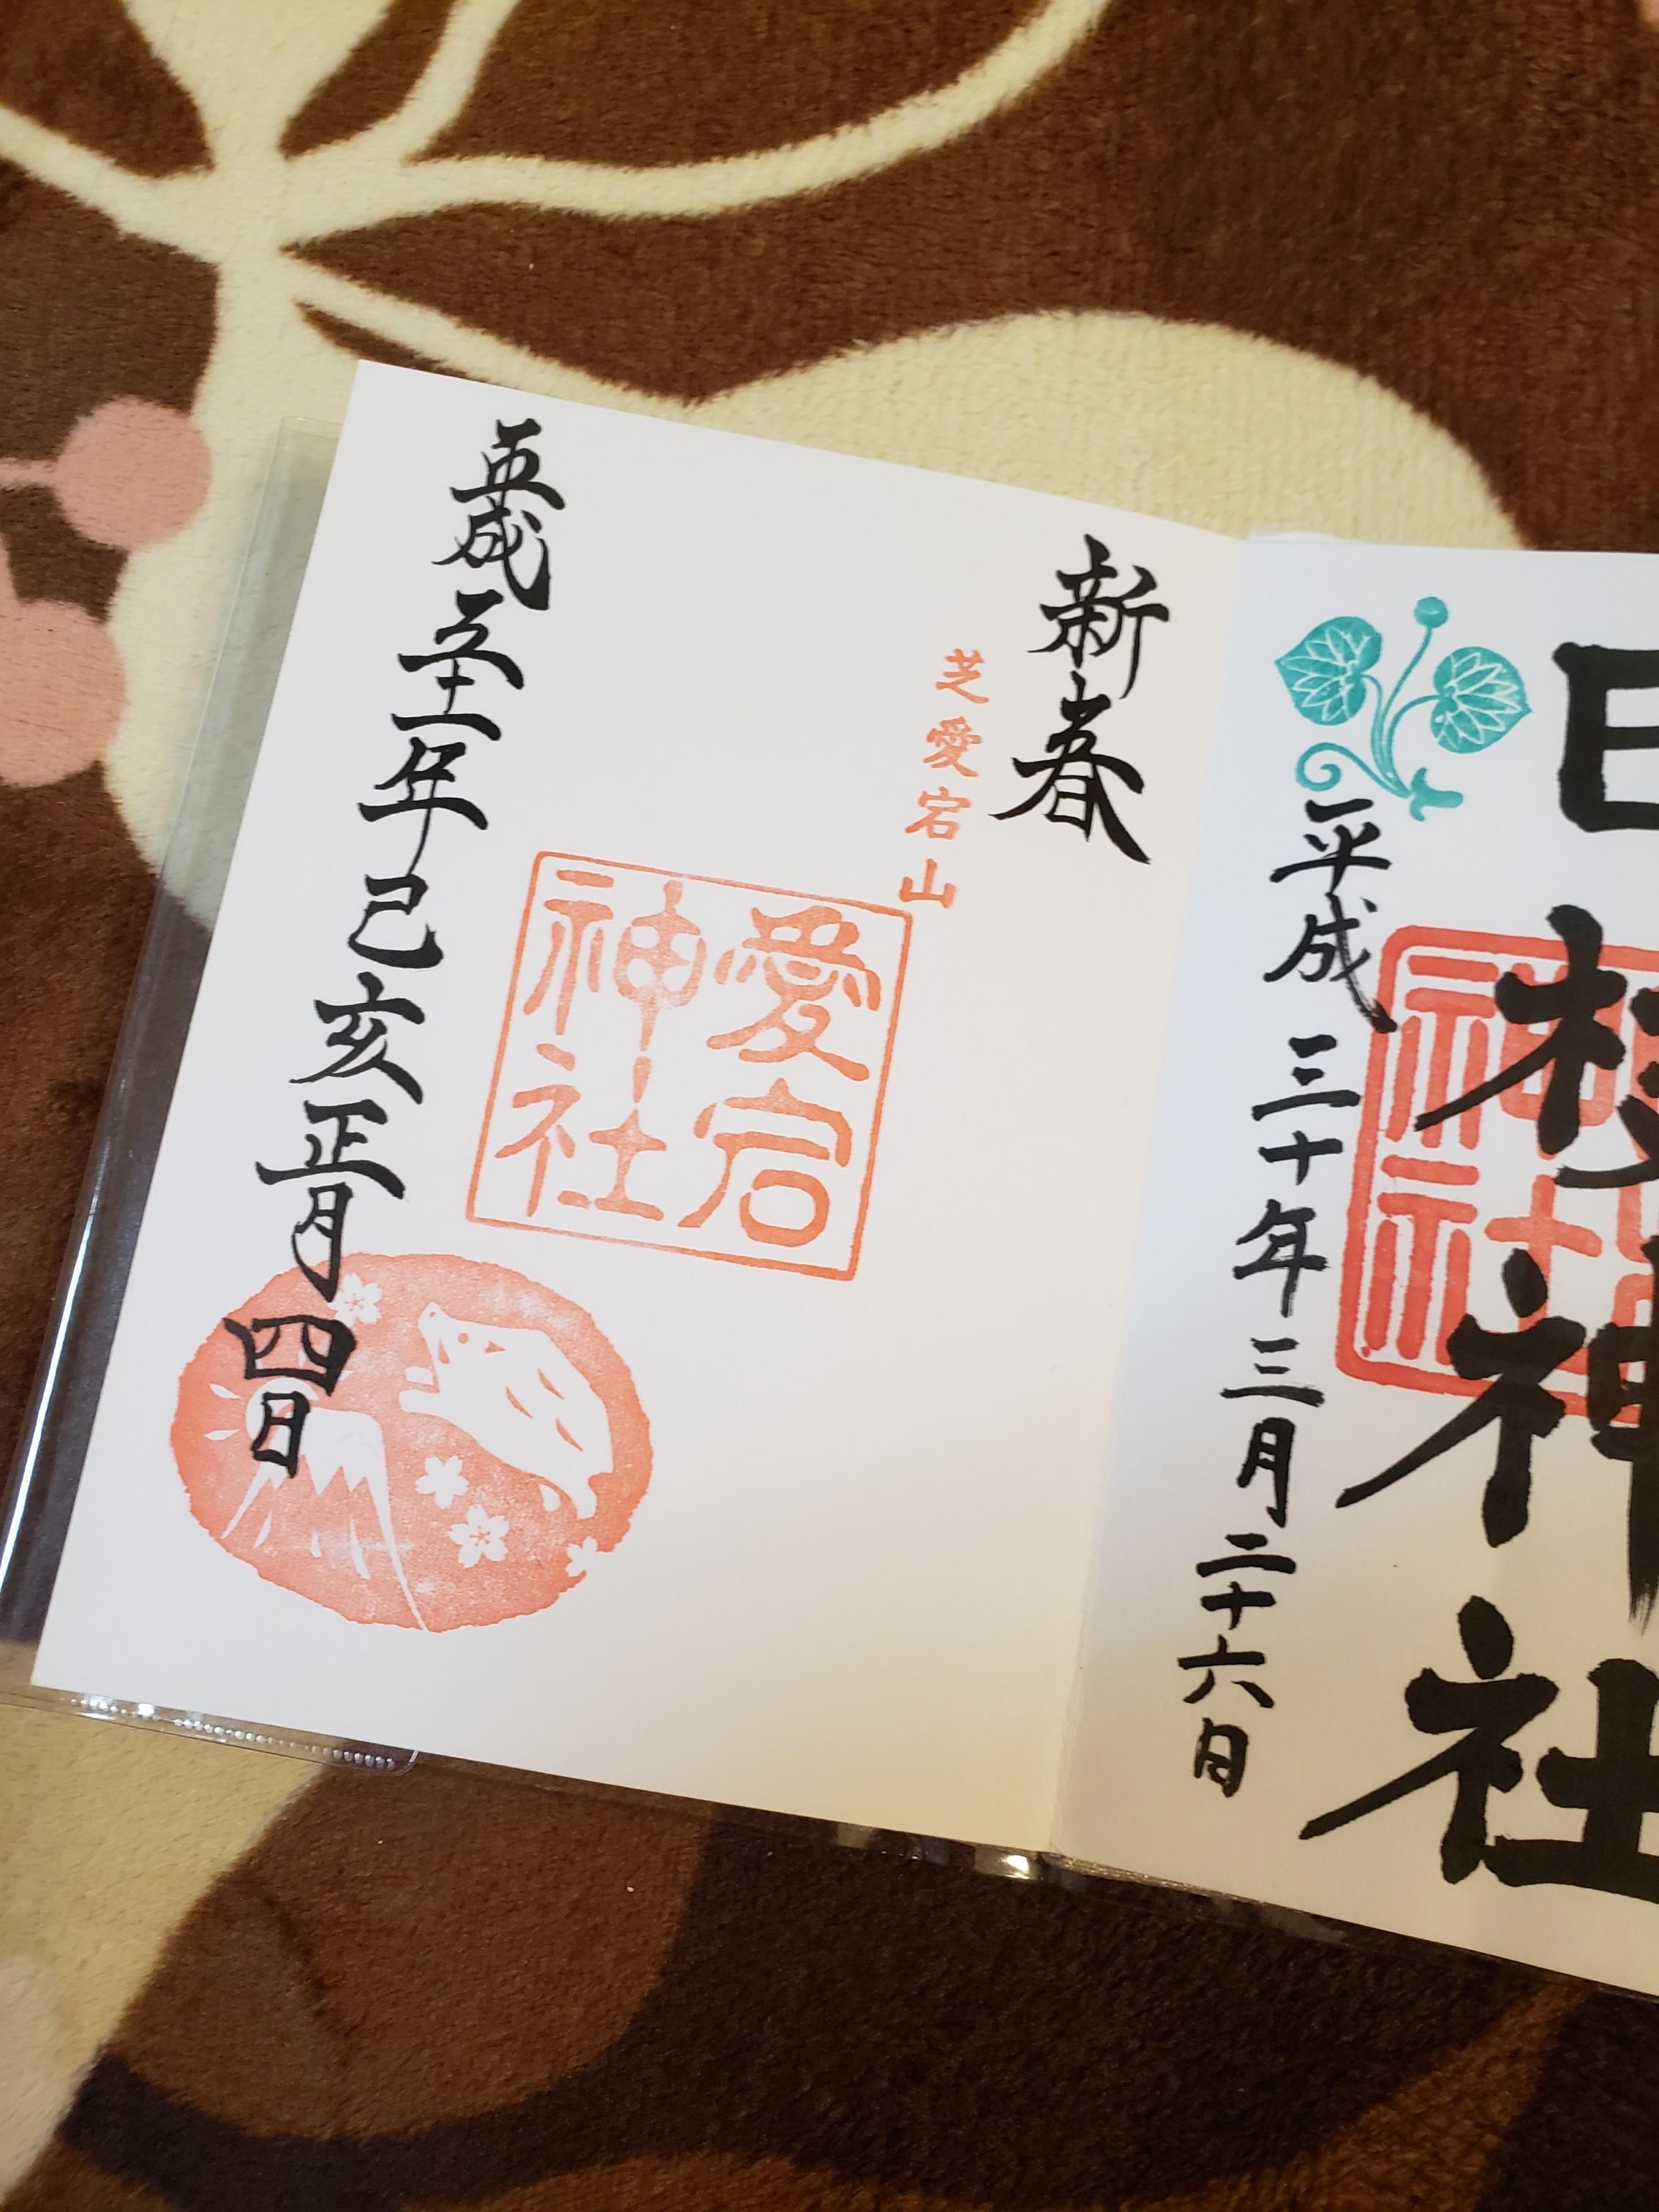 【初詣】神社3社にお参りにいってきました( ´∀`)_5